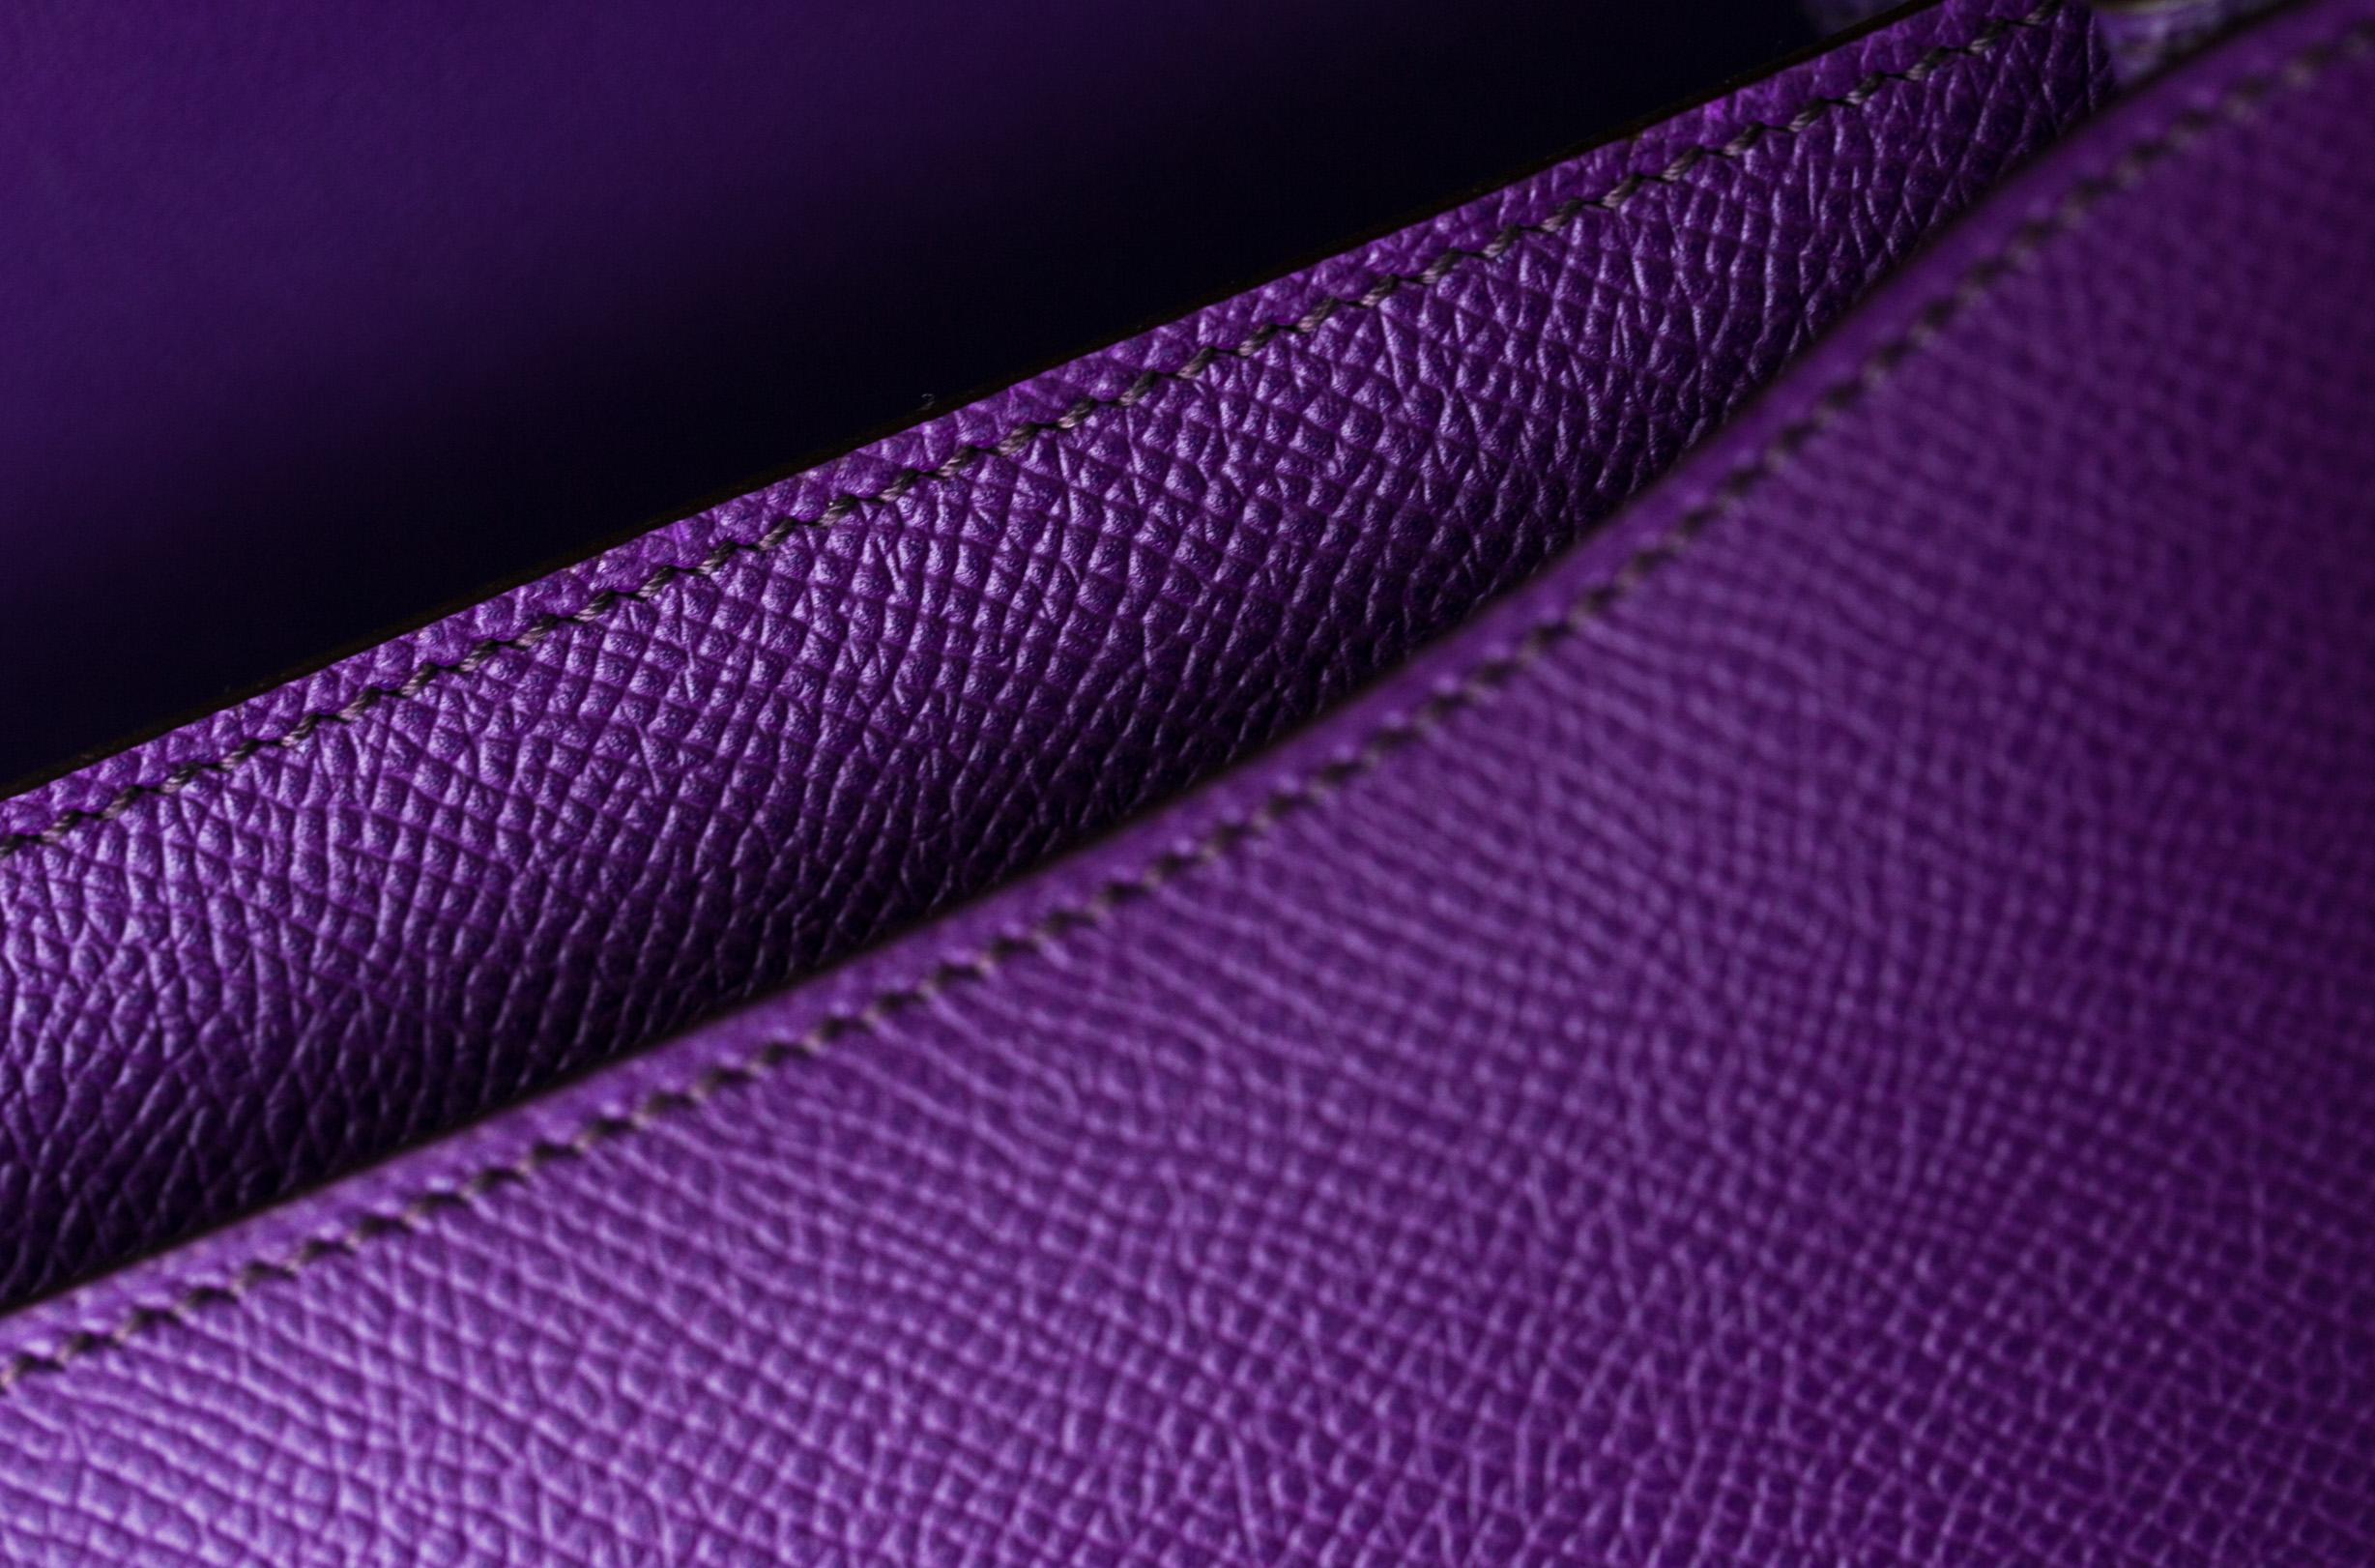 爱马仕空姐包价格 Hermes Constance 26cm 5L极度紫进口epsom牛皮 金扣